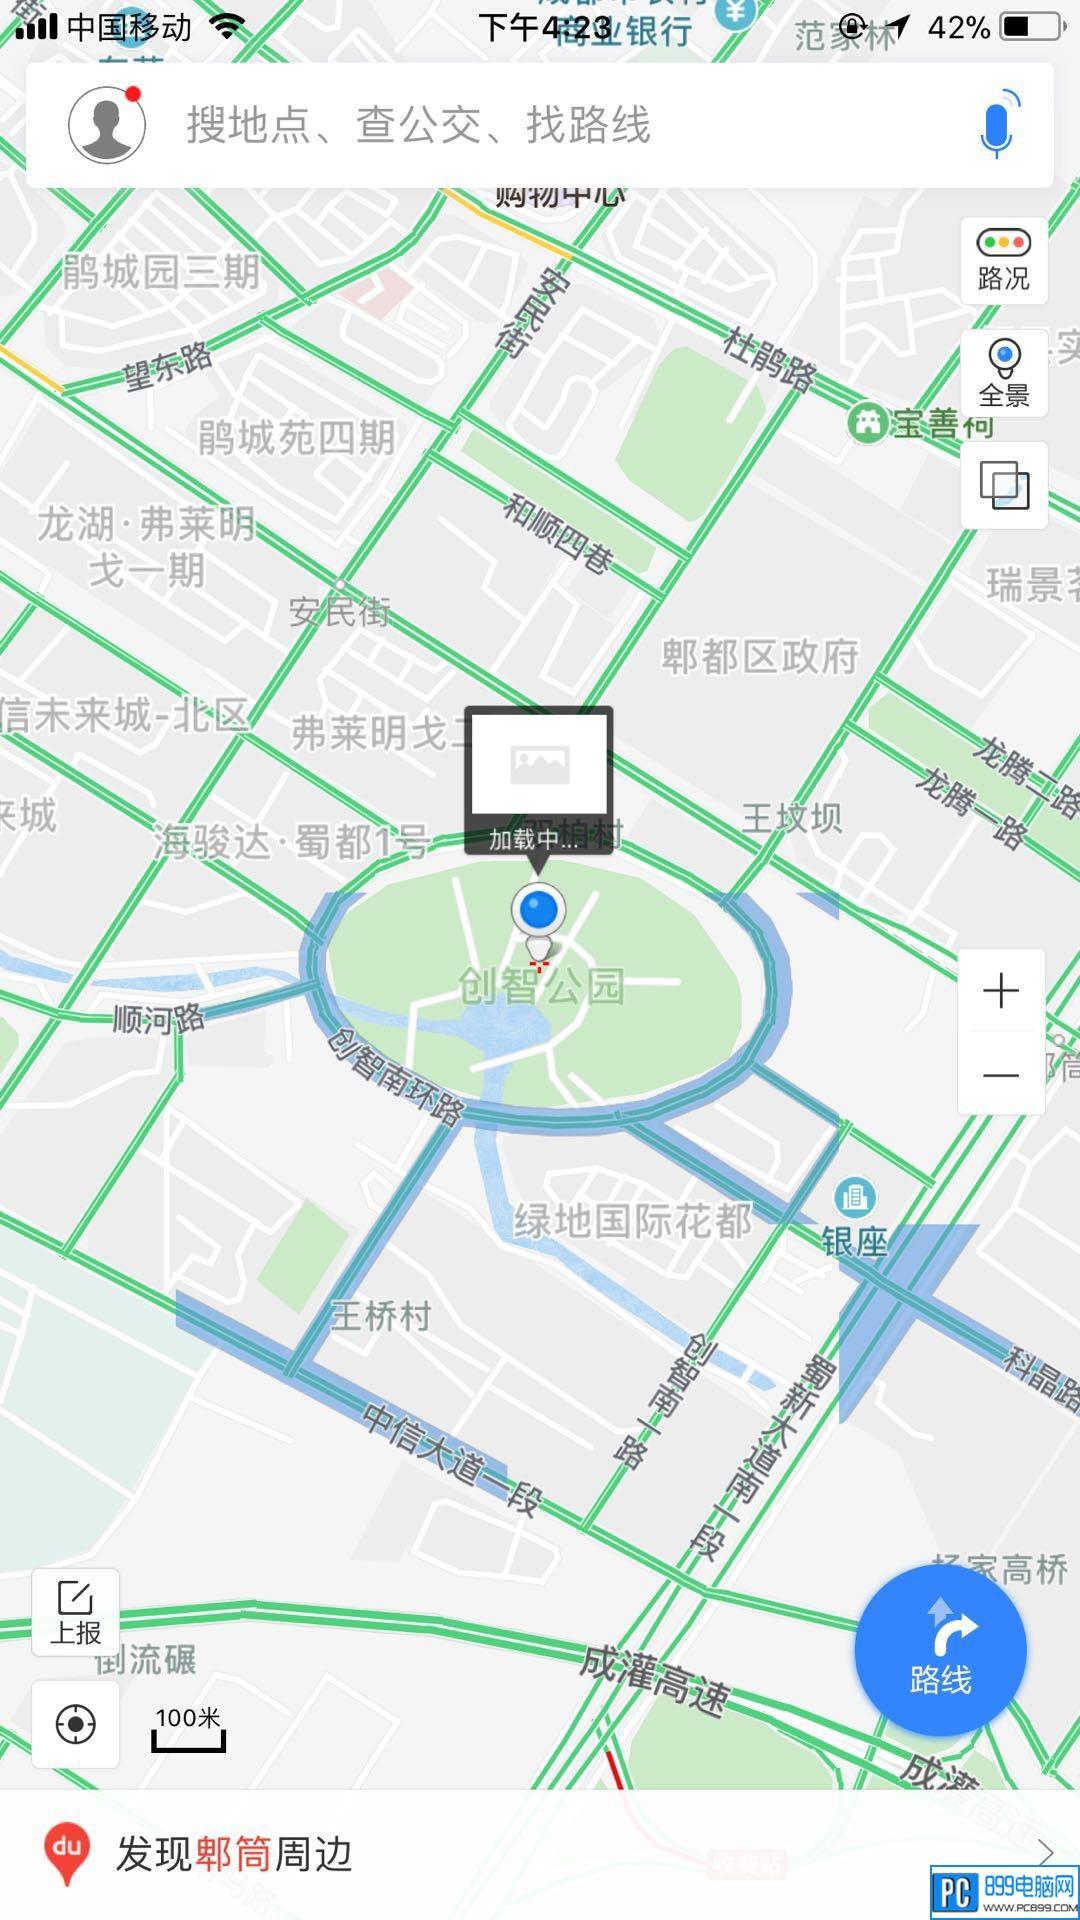 在手机上如何使用百度全景地图的模式